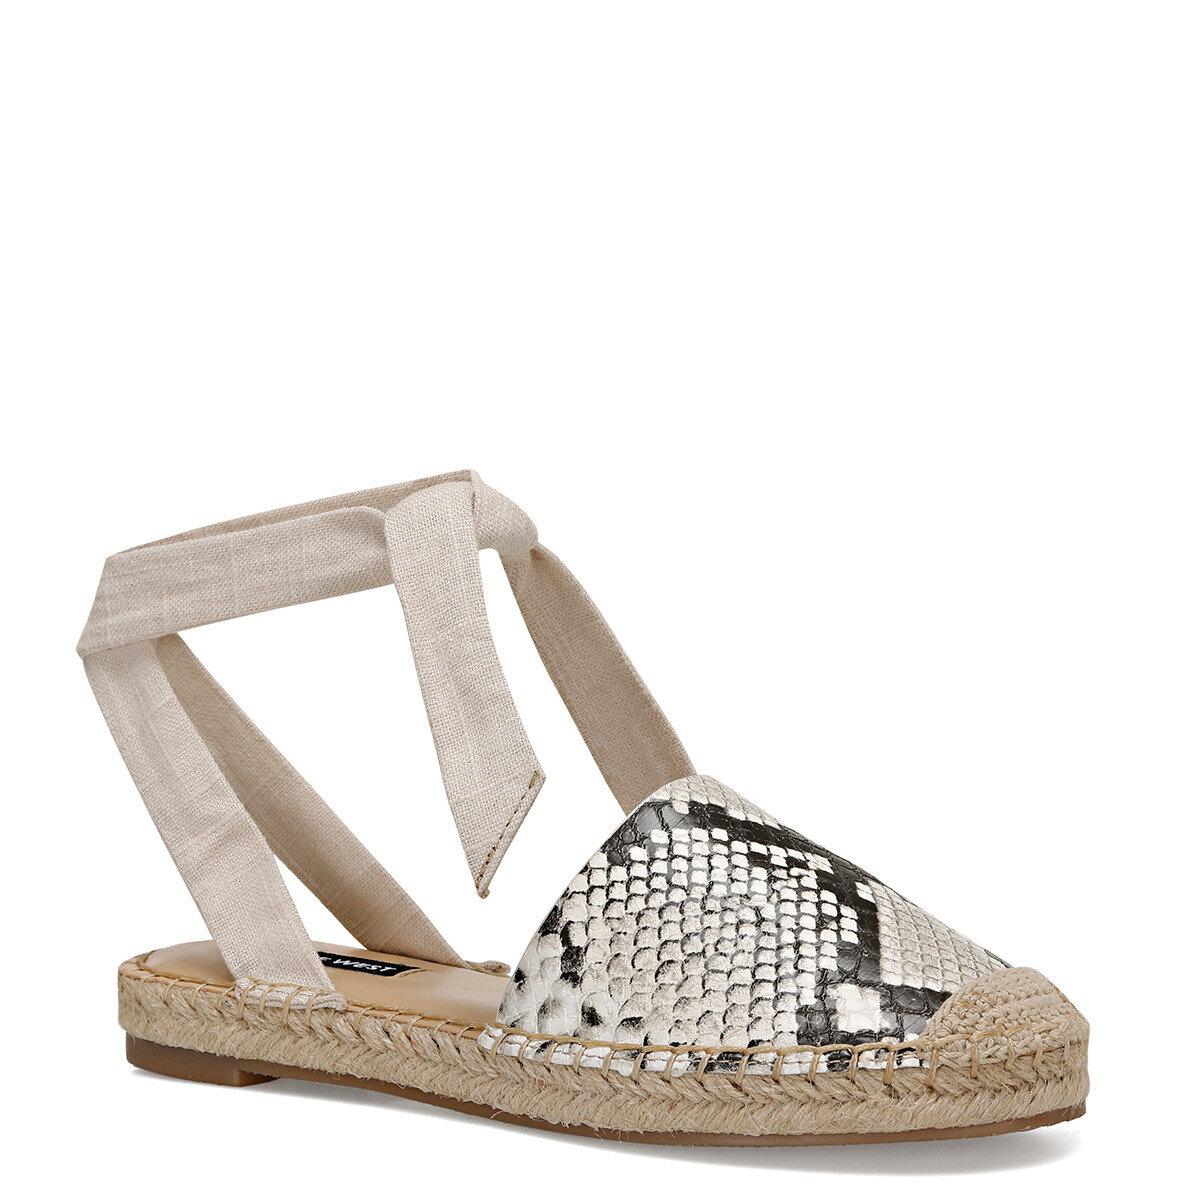 MORE2-A Gri Kadın Espadril Ayakkabı